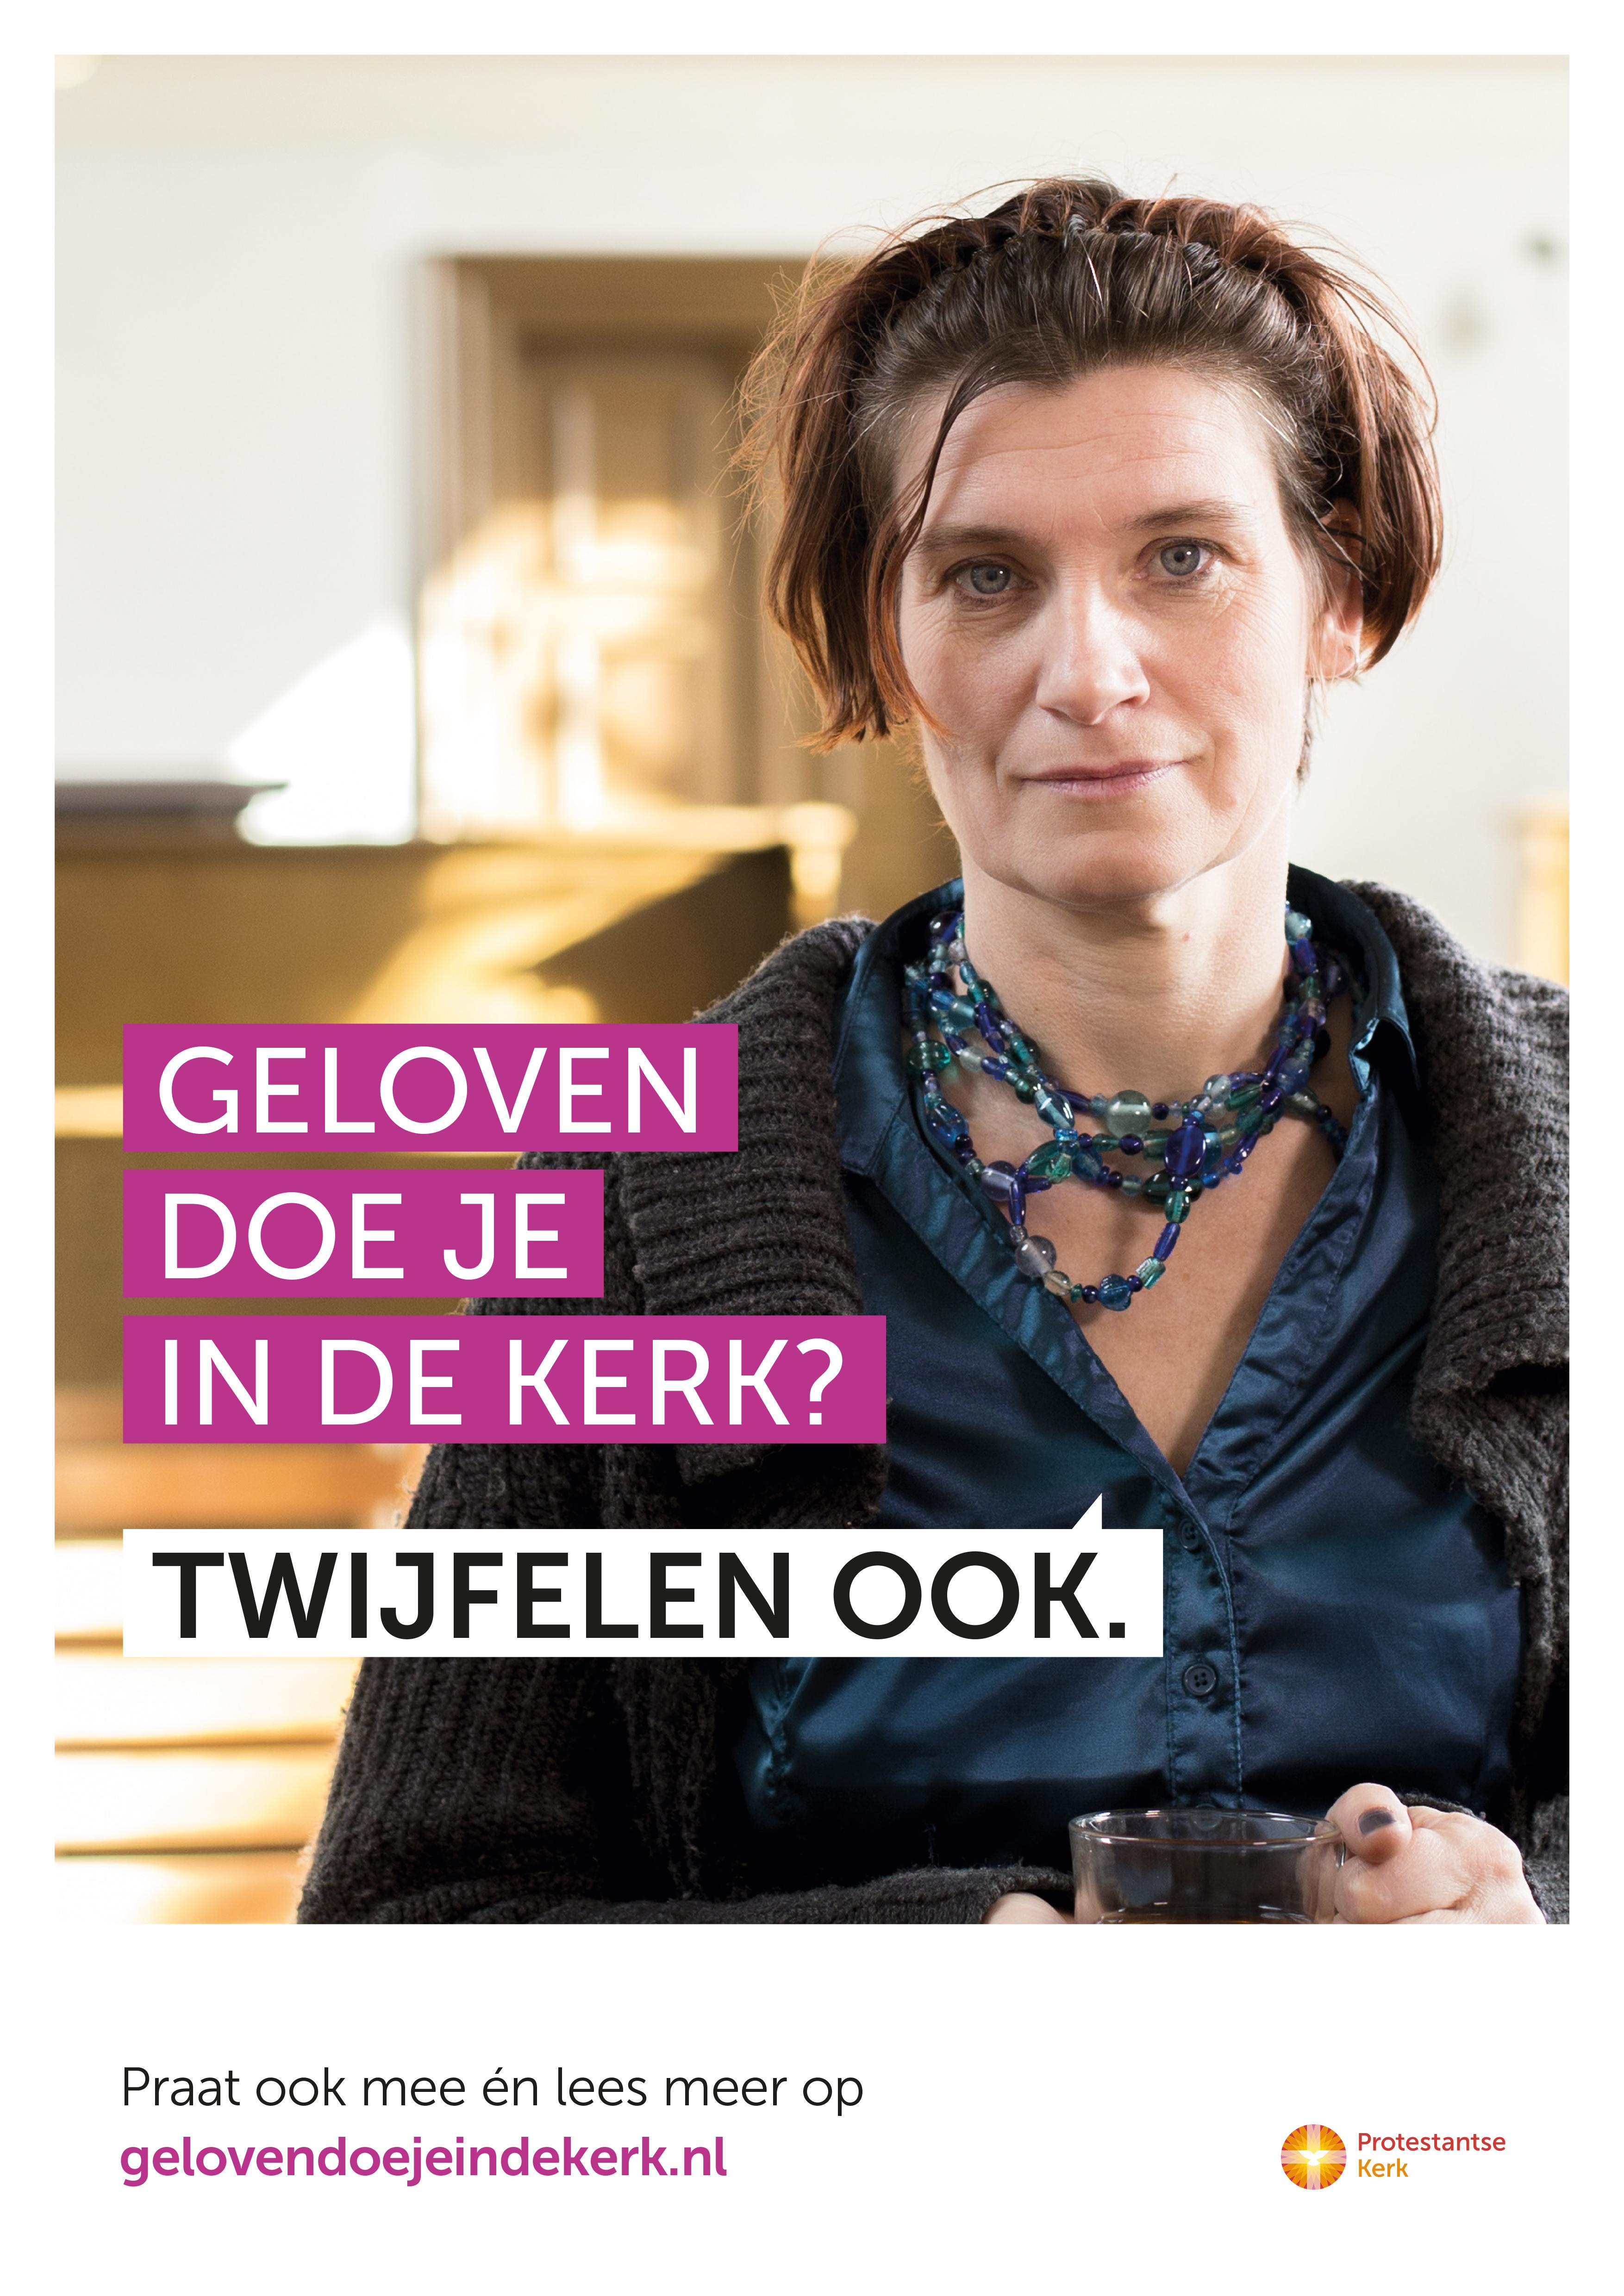 http://pkn-gravenpolder.nl/wp-content/uploads/2017/01/Print_Lois.jpg